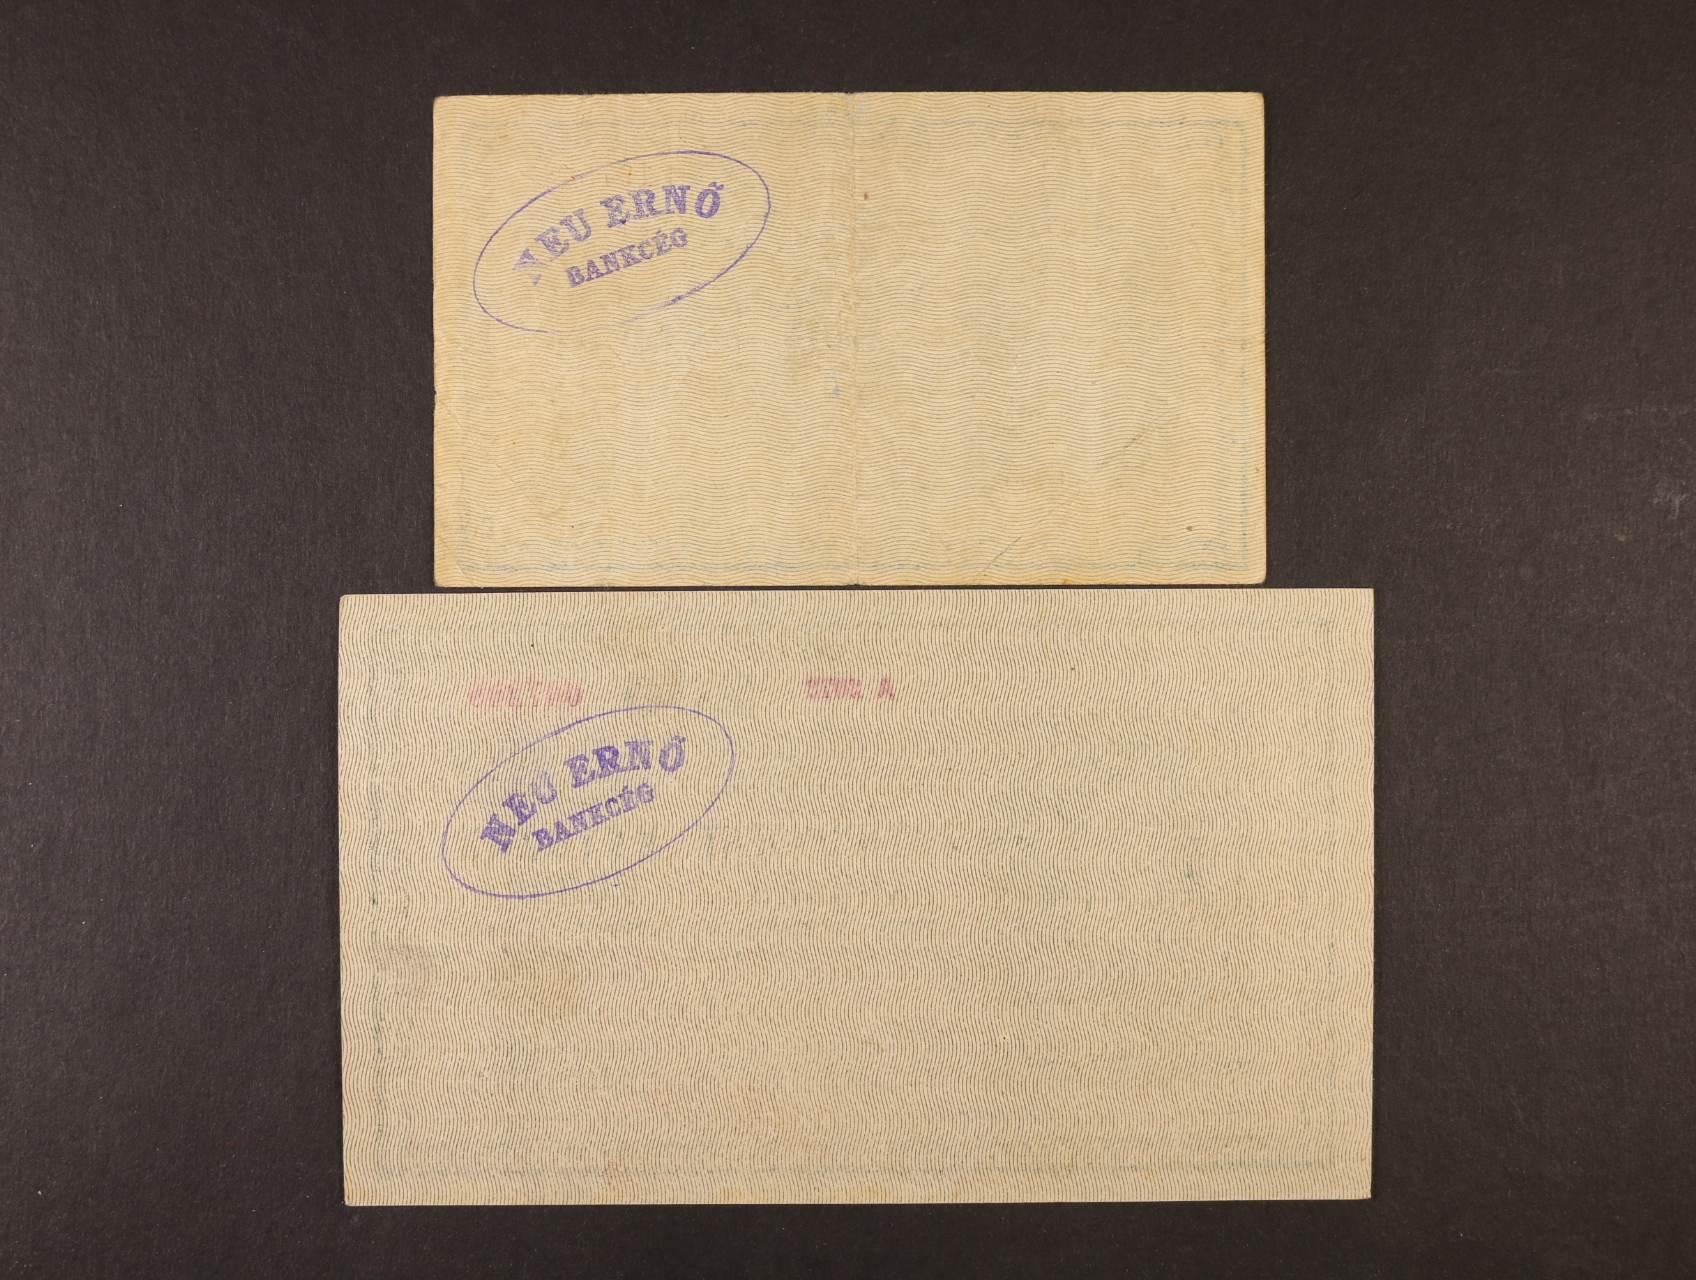 25 K a 200 K 1918 série 3005 a A 2072 s podtiskem na R, s oválným raz. na R z francouzské okupace maďarského území - Szeged